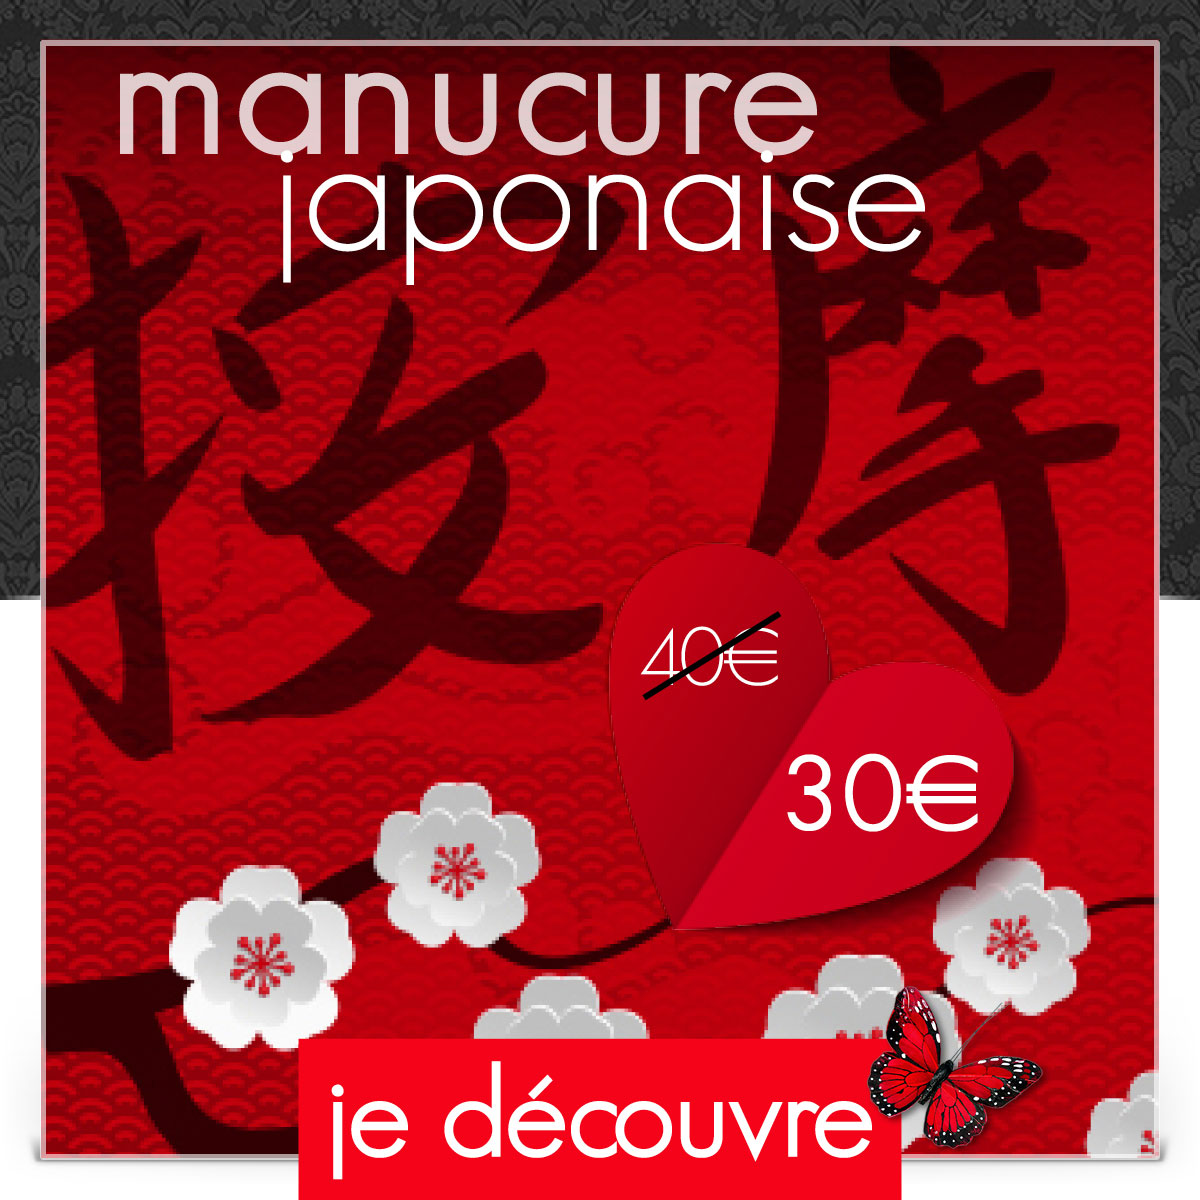 Manucure japonaise